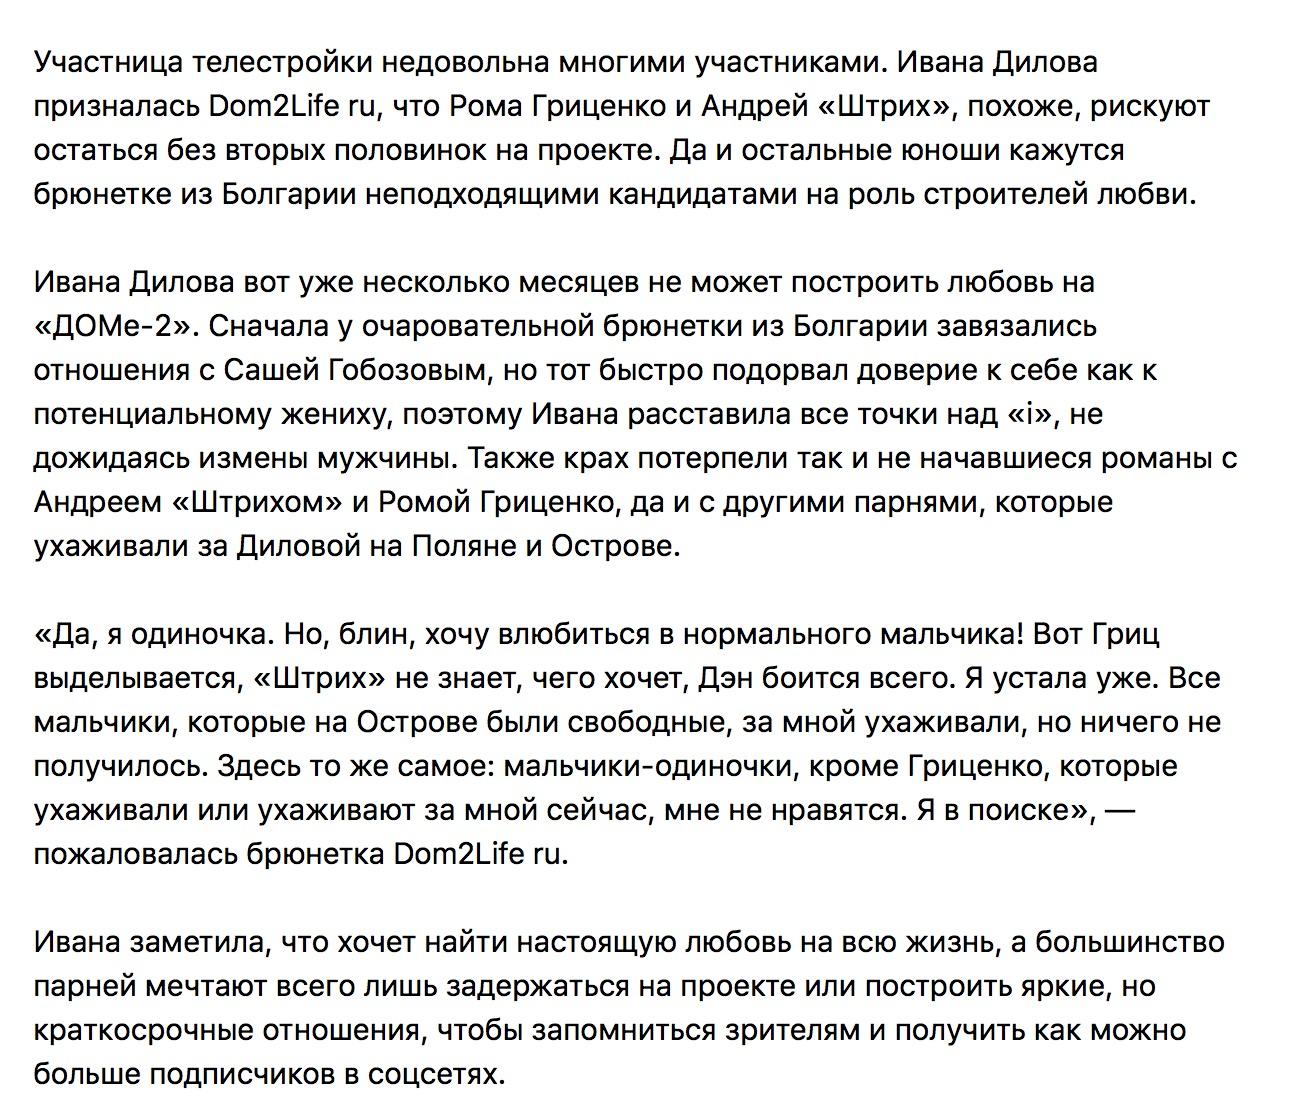 Дилова осудила поведение участников дома 2